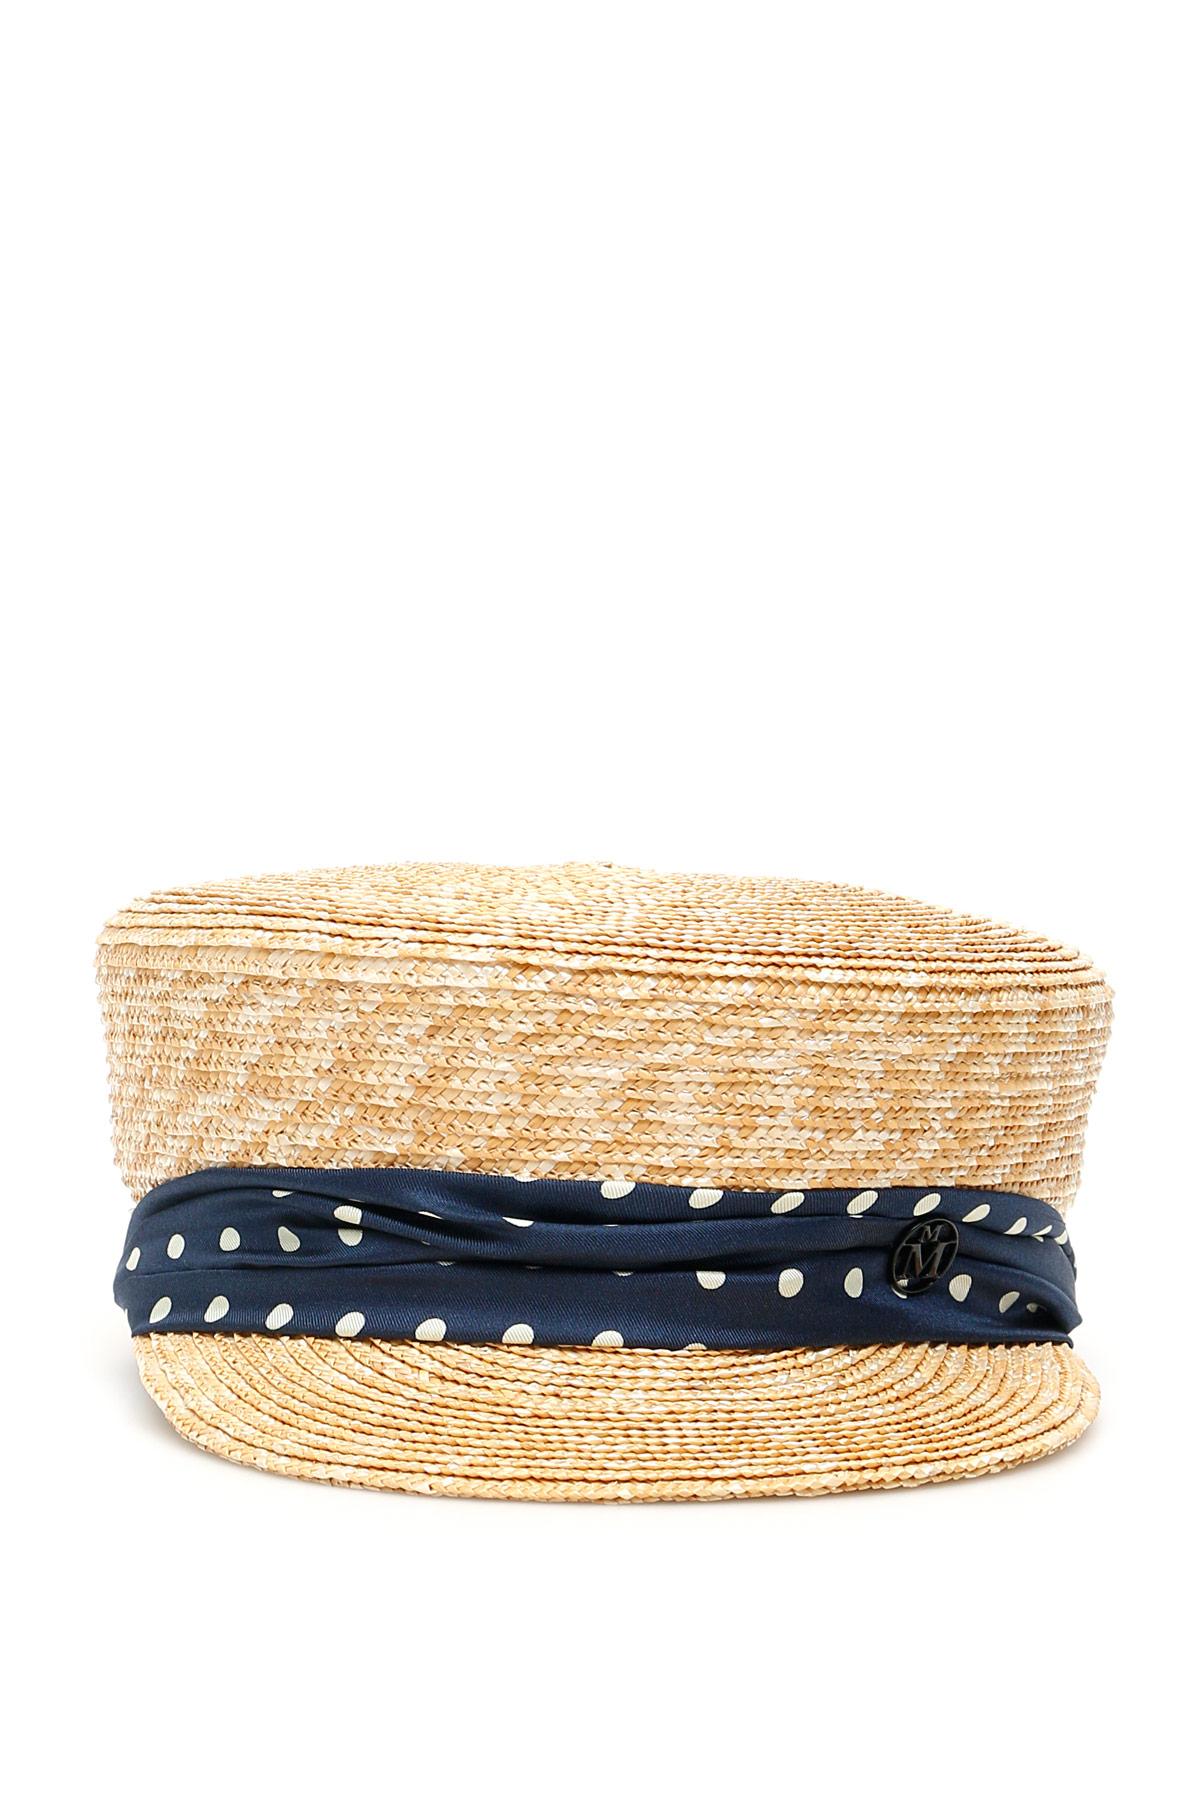 MAISON MICHEL ABBY STRAW HAT L Beige, Blue Silk